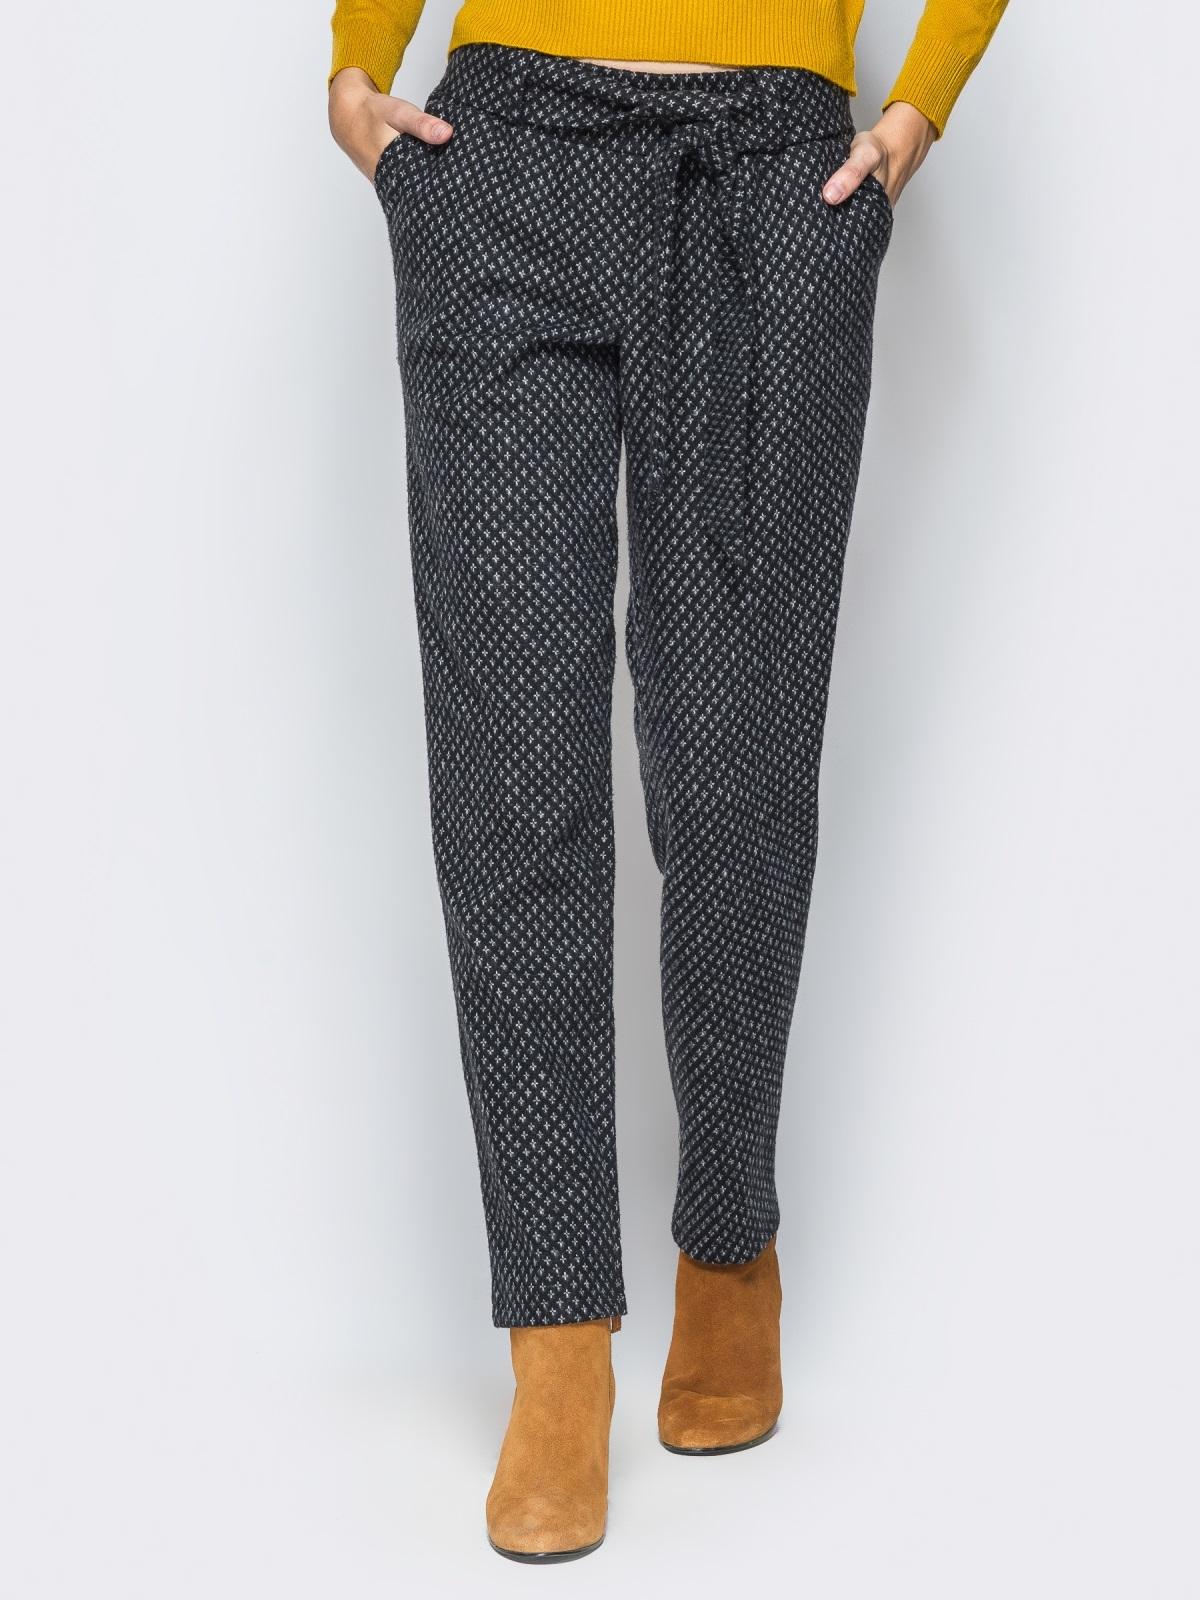 Зауженные брюки из полушерстяного трикотажа - 17619, фото 1 – интернет-магазин Dressa